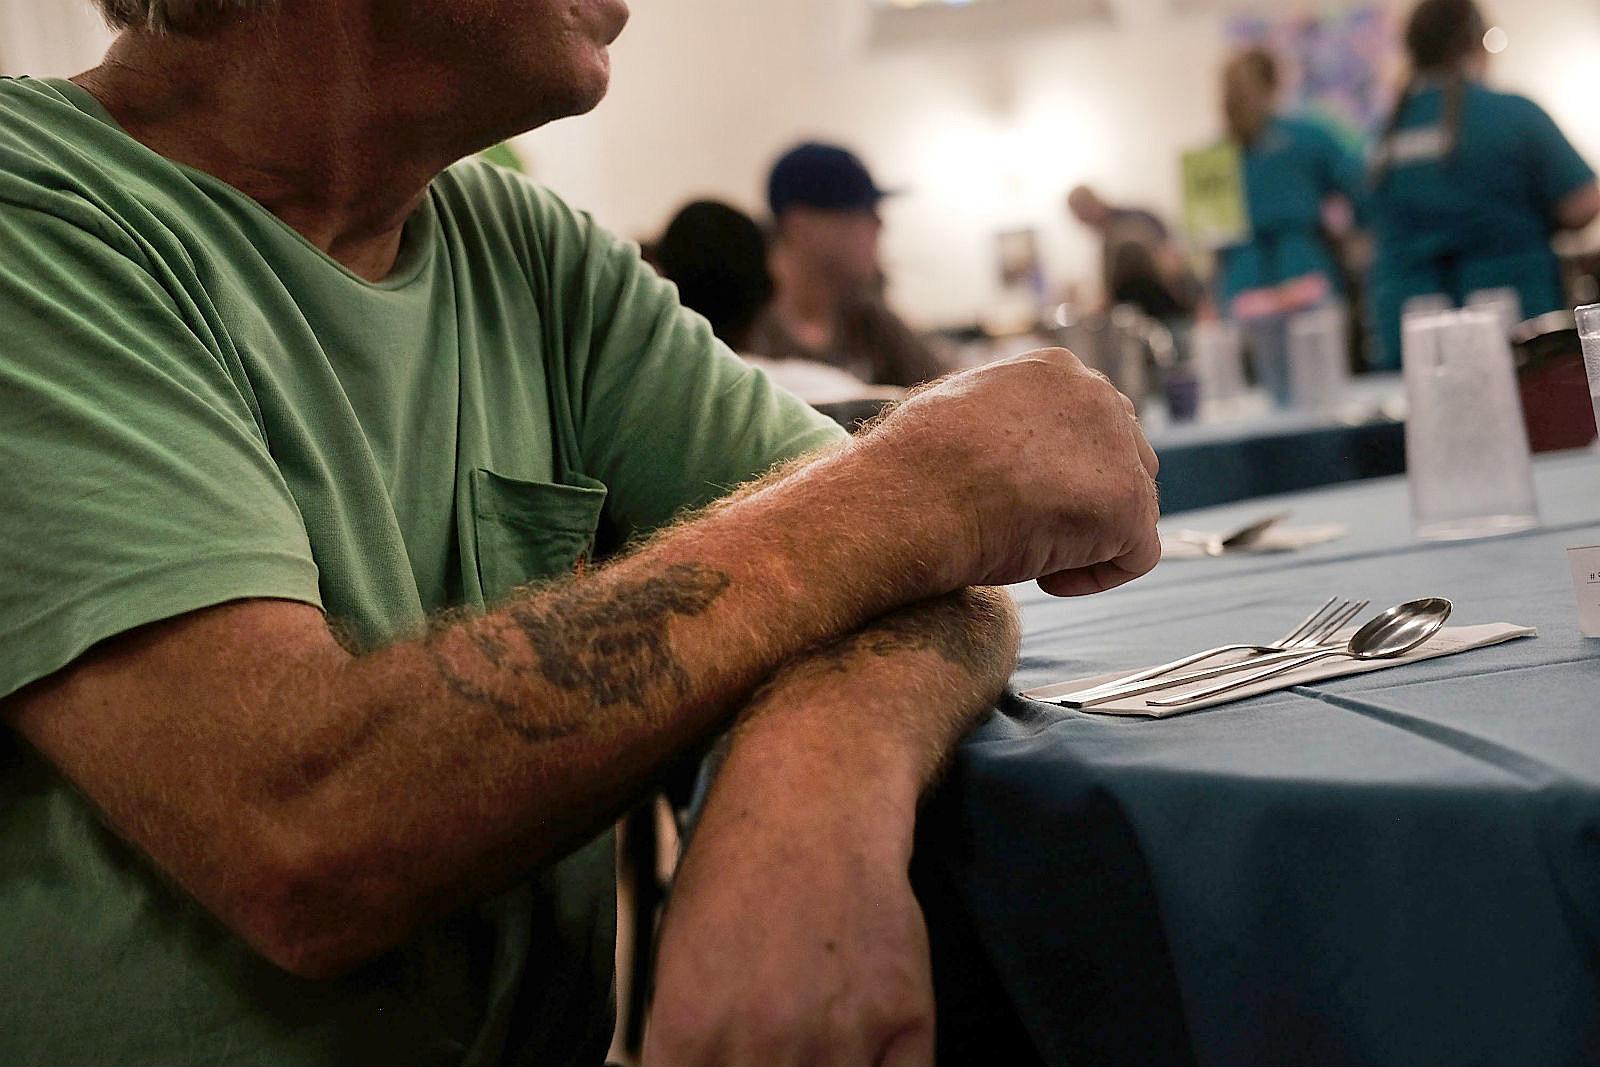 Homeless_Spencer Platt/Getty